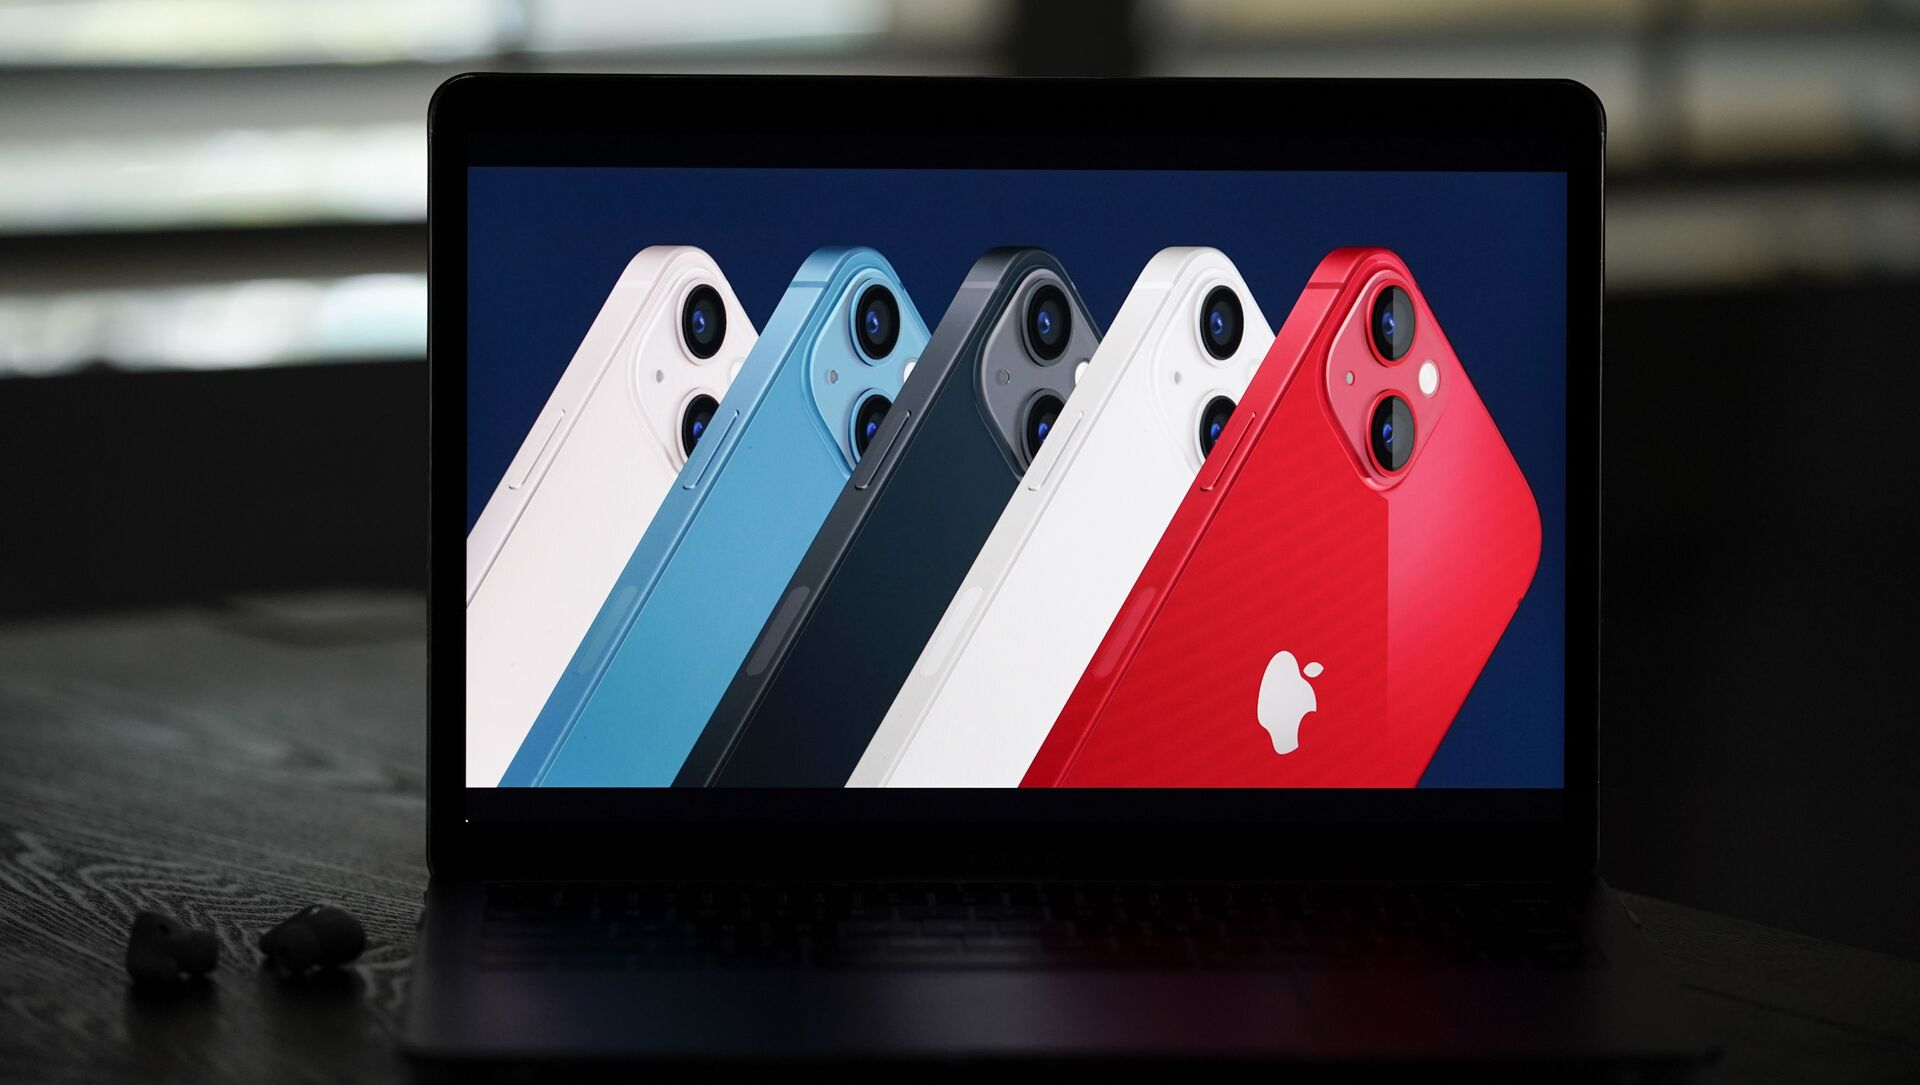 Новые смартфоны iPhone 13 на экране ноутбука - Sputnik Южная Осетия, 1920, 03.10.2021